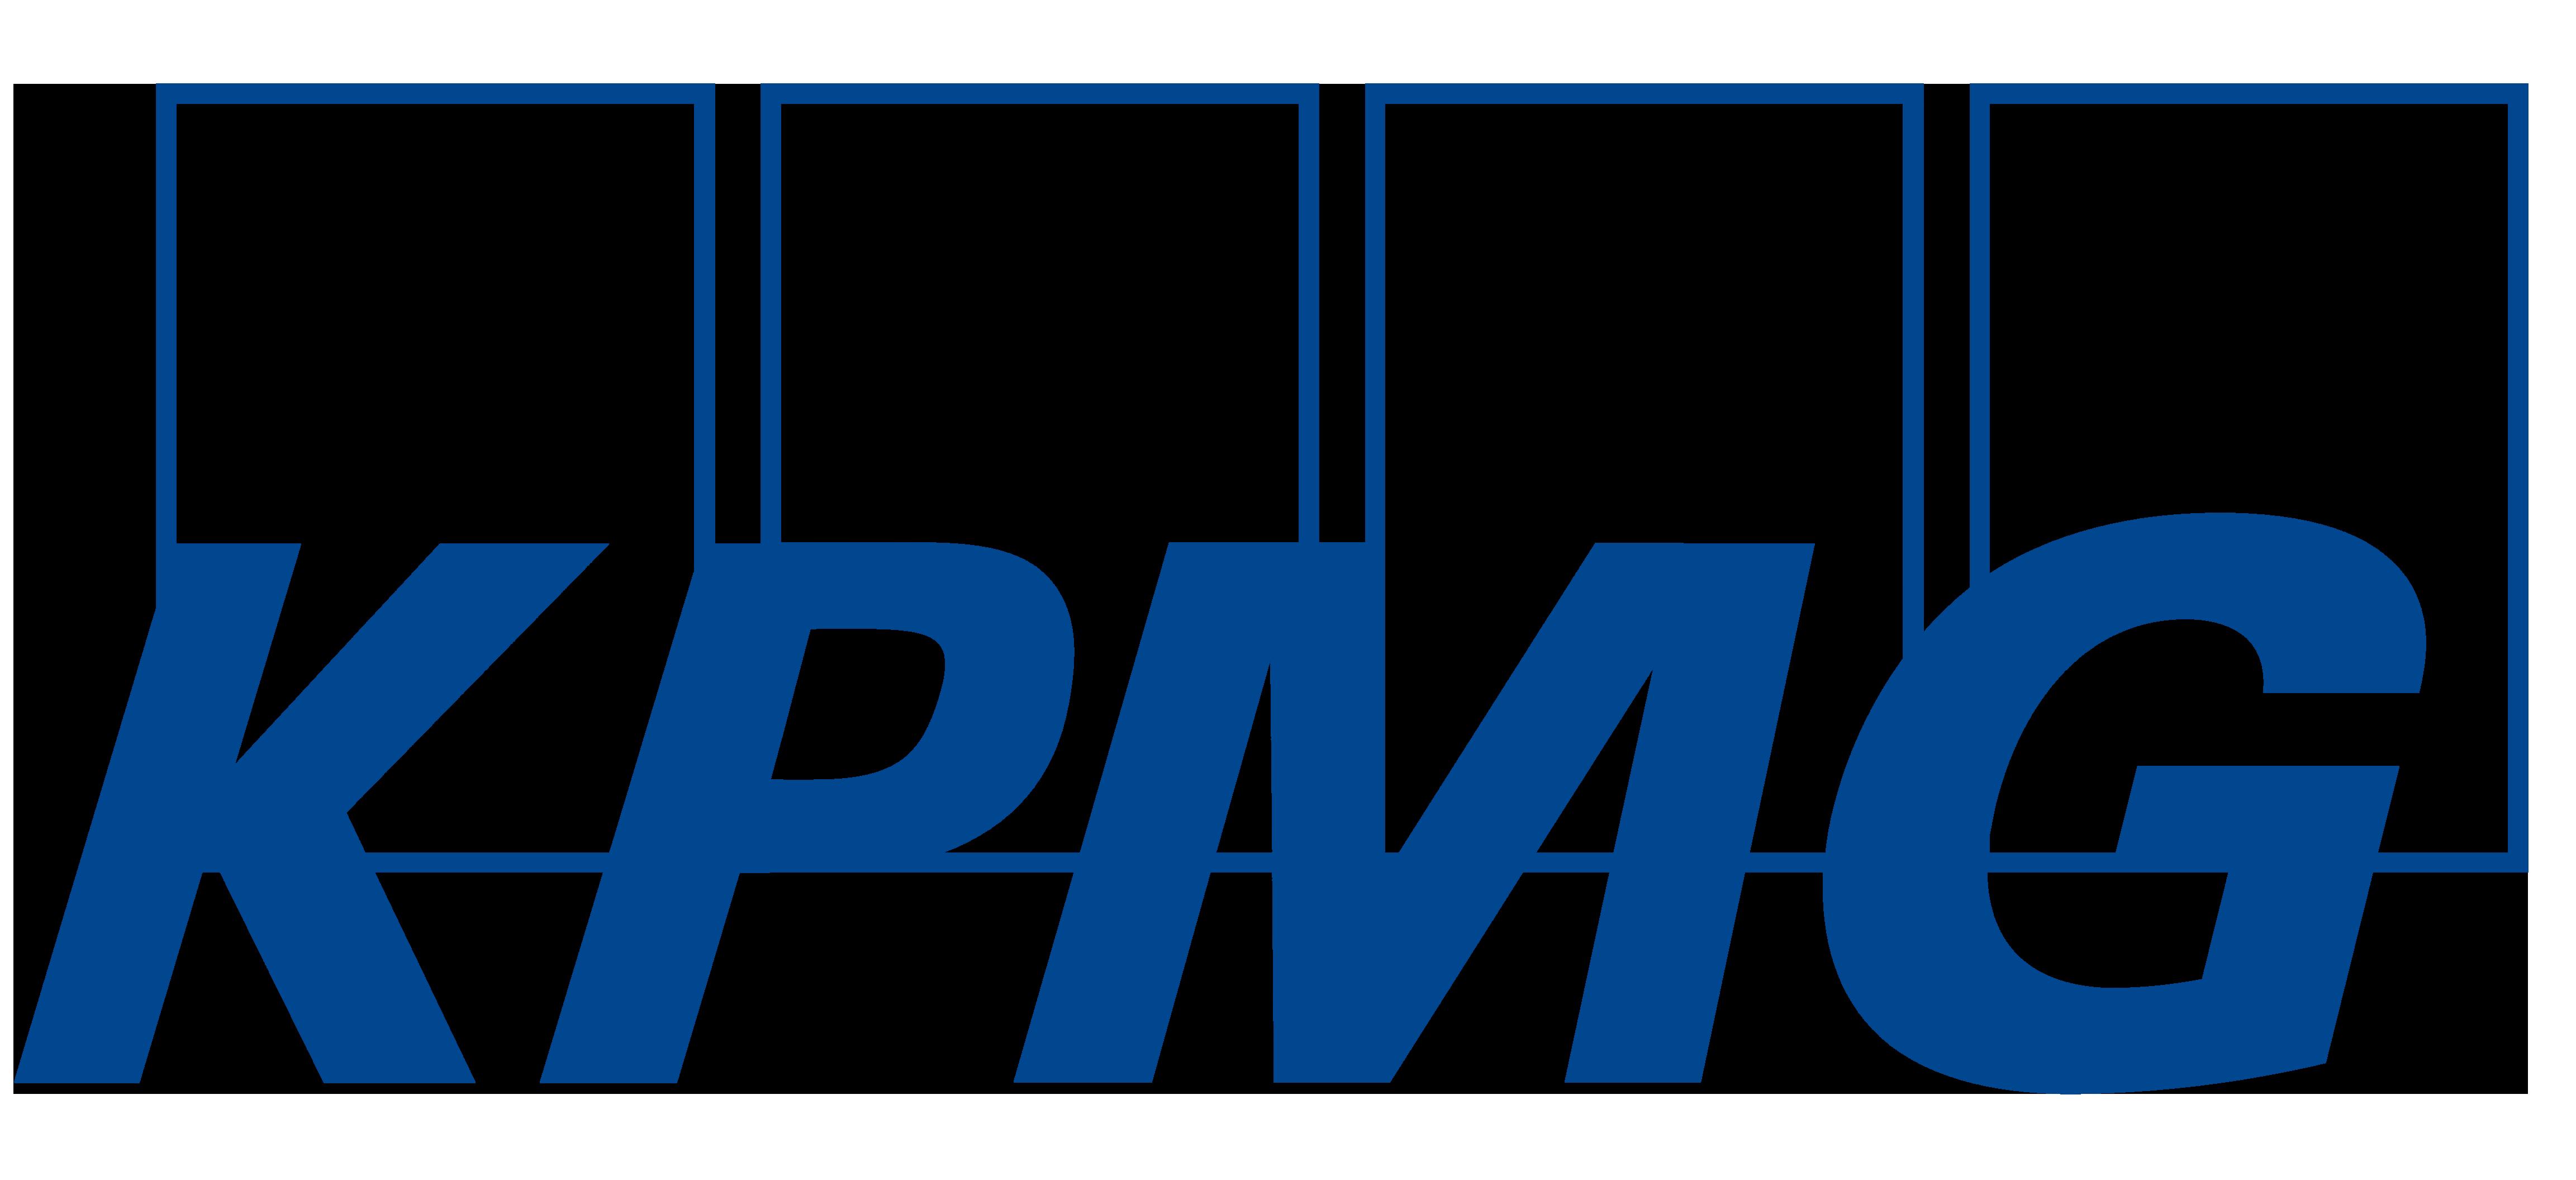 KPMG_logo_image